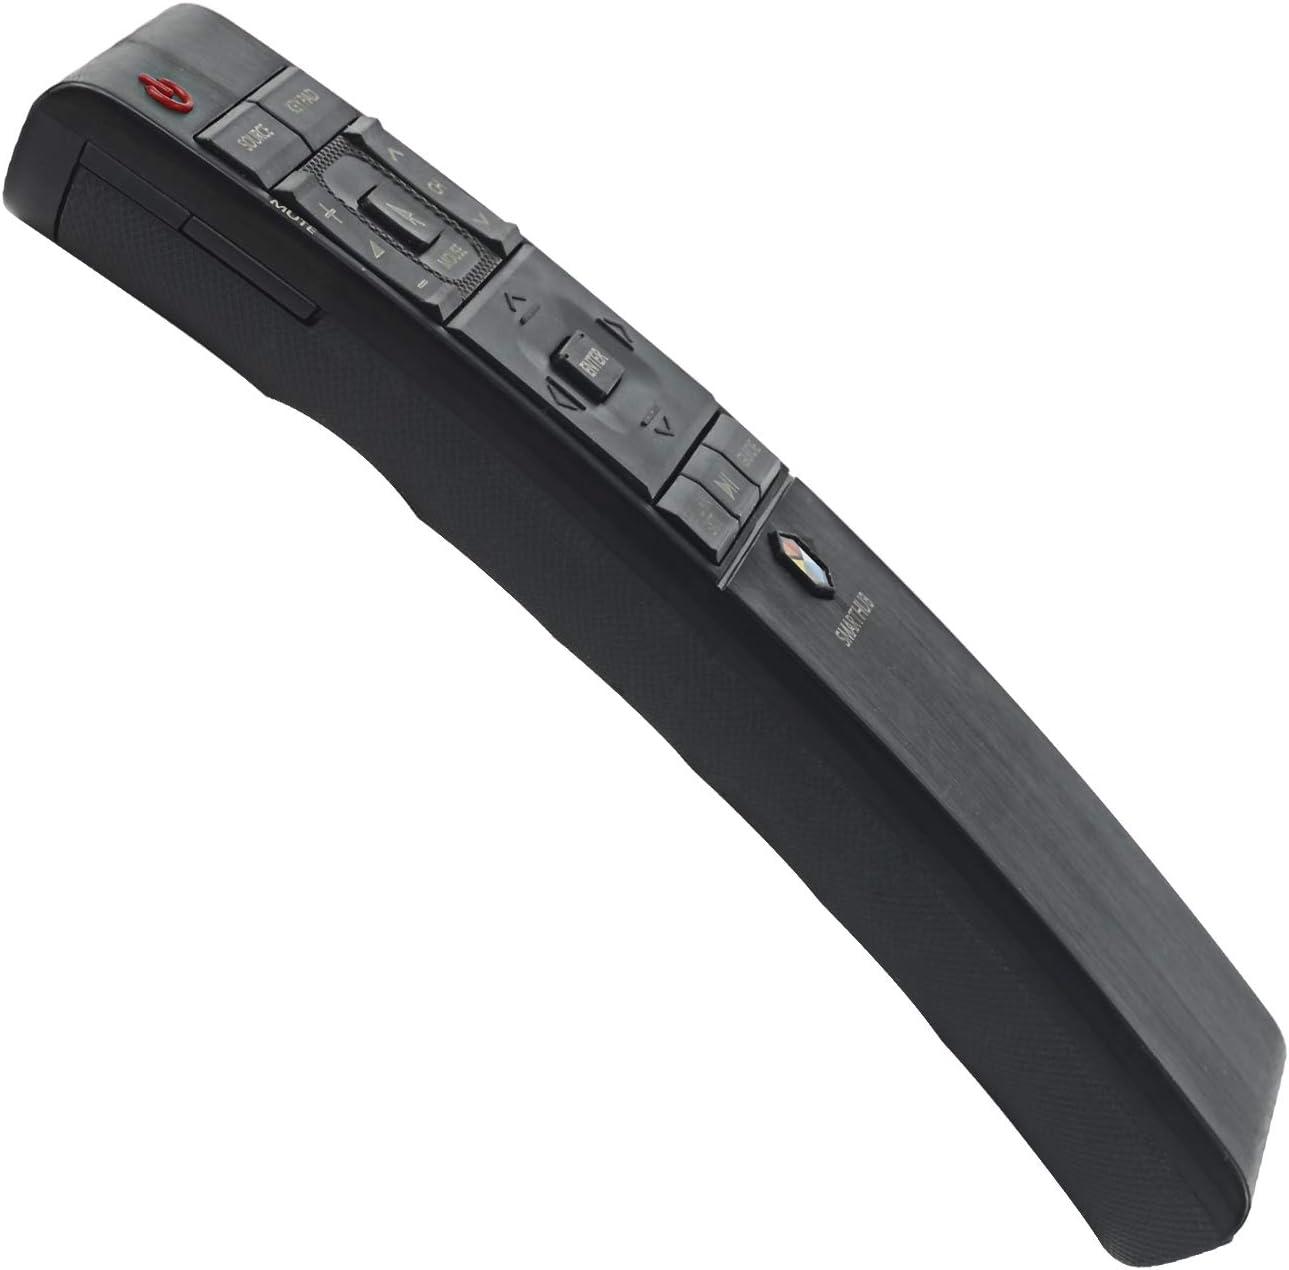 New Replaced Remote Control for Samsung 4K Smart UHD TV UN40JU6700F UN40JU7100F UN48JU6700F UN50JU7100F UN55JU6700F UN55JU670DF UN55JU7100F UN60JU7100F UN65JS9000F UN65JU6700F UN65JU670DF UN65JU7100F